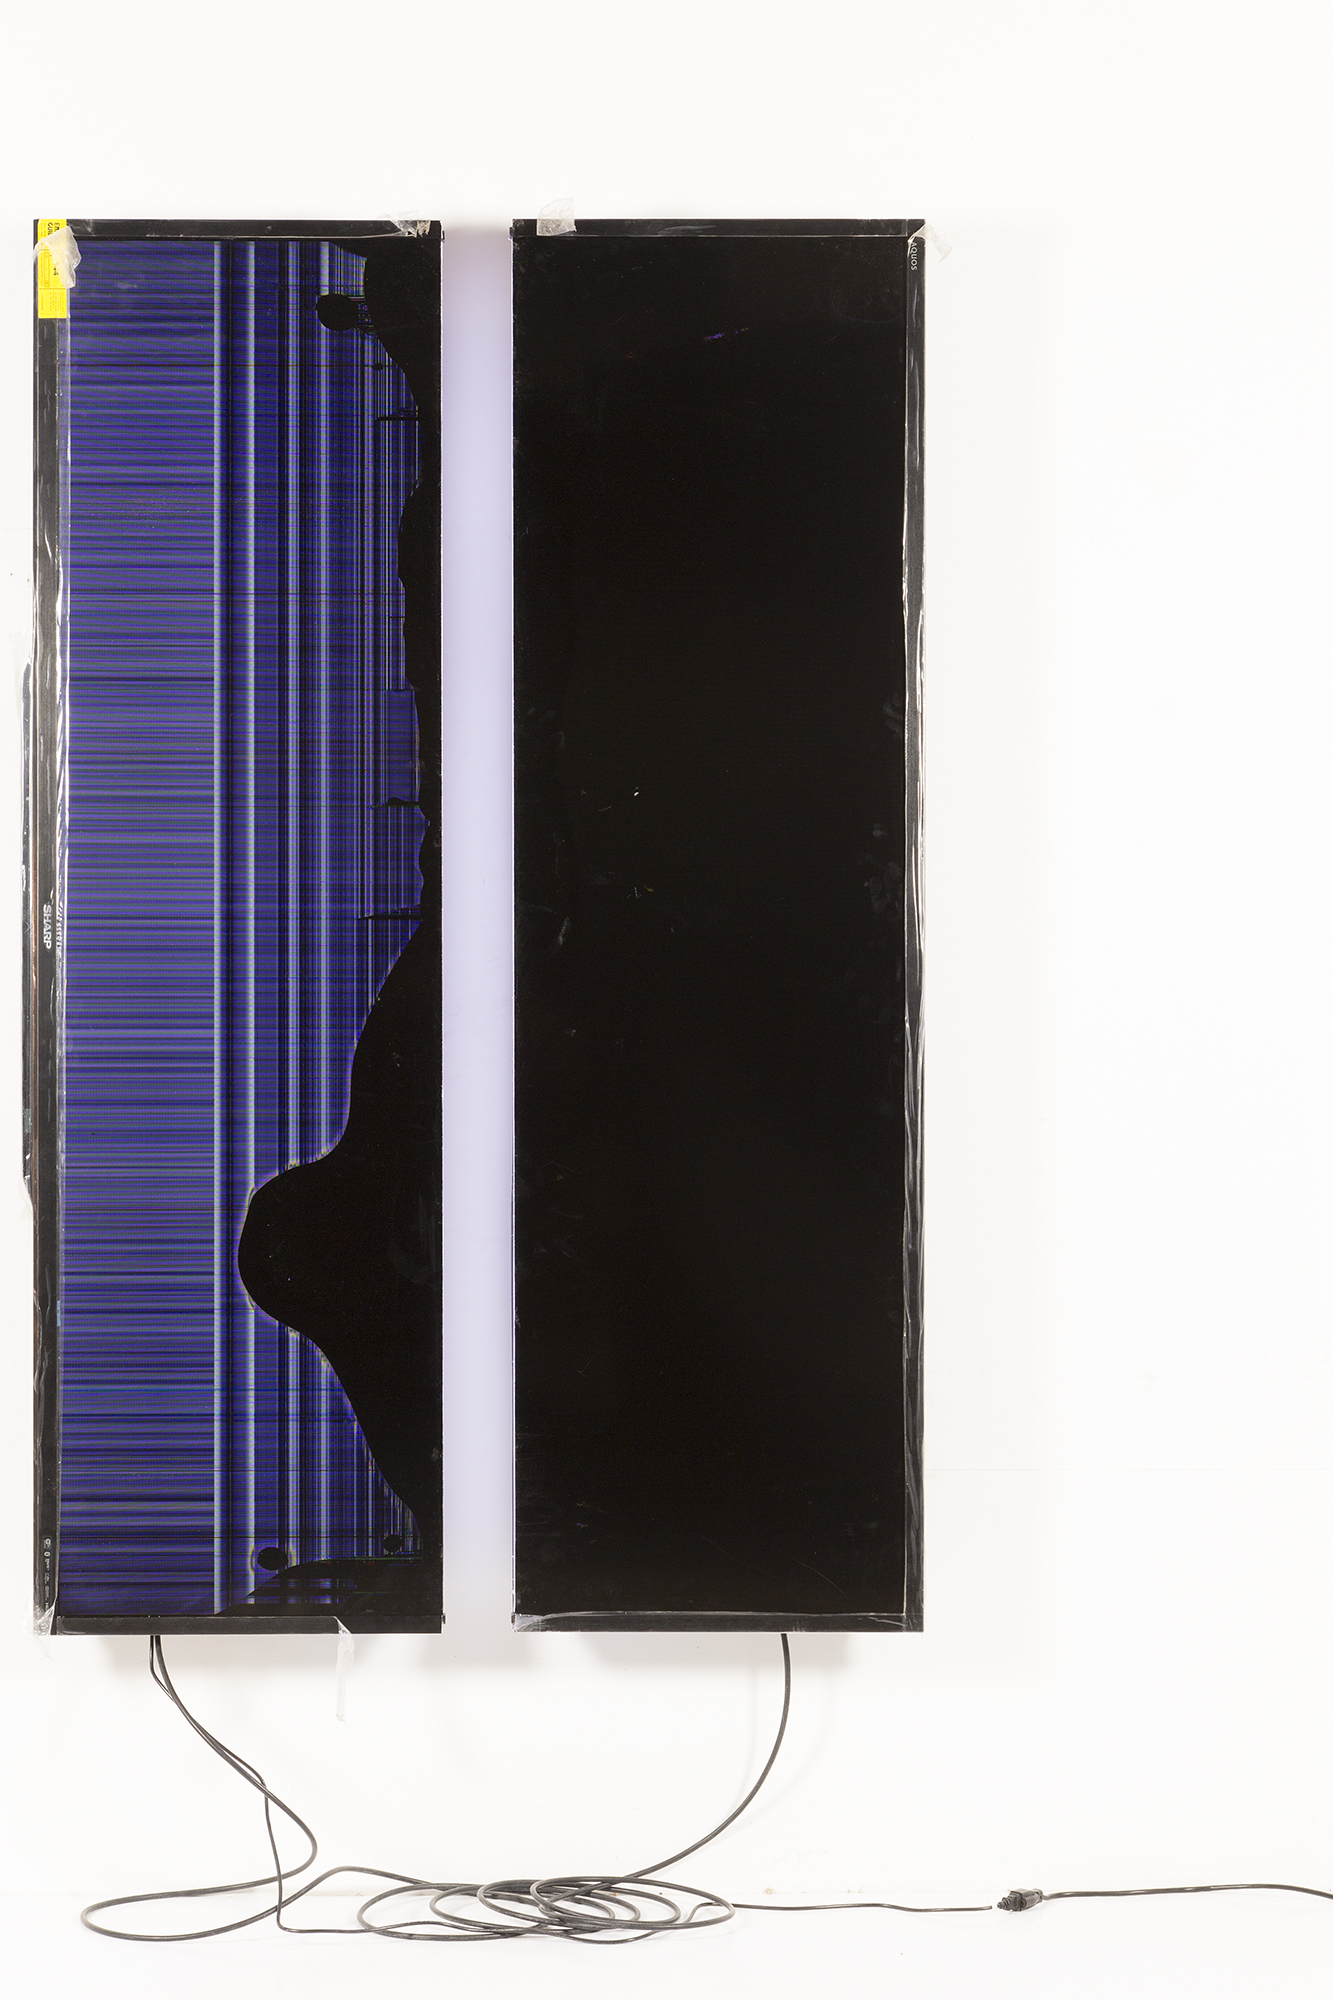 <del>Sharp LC-90LE657U 90-inch Aquos HD 1080p 120Hz 3D Smart LED TV</del>